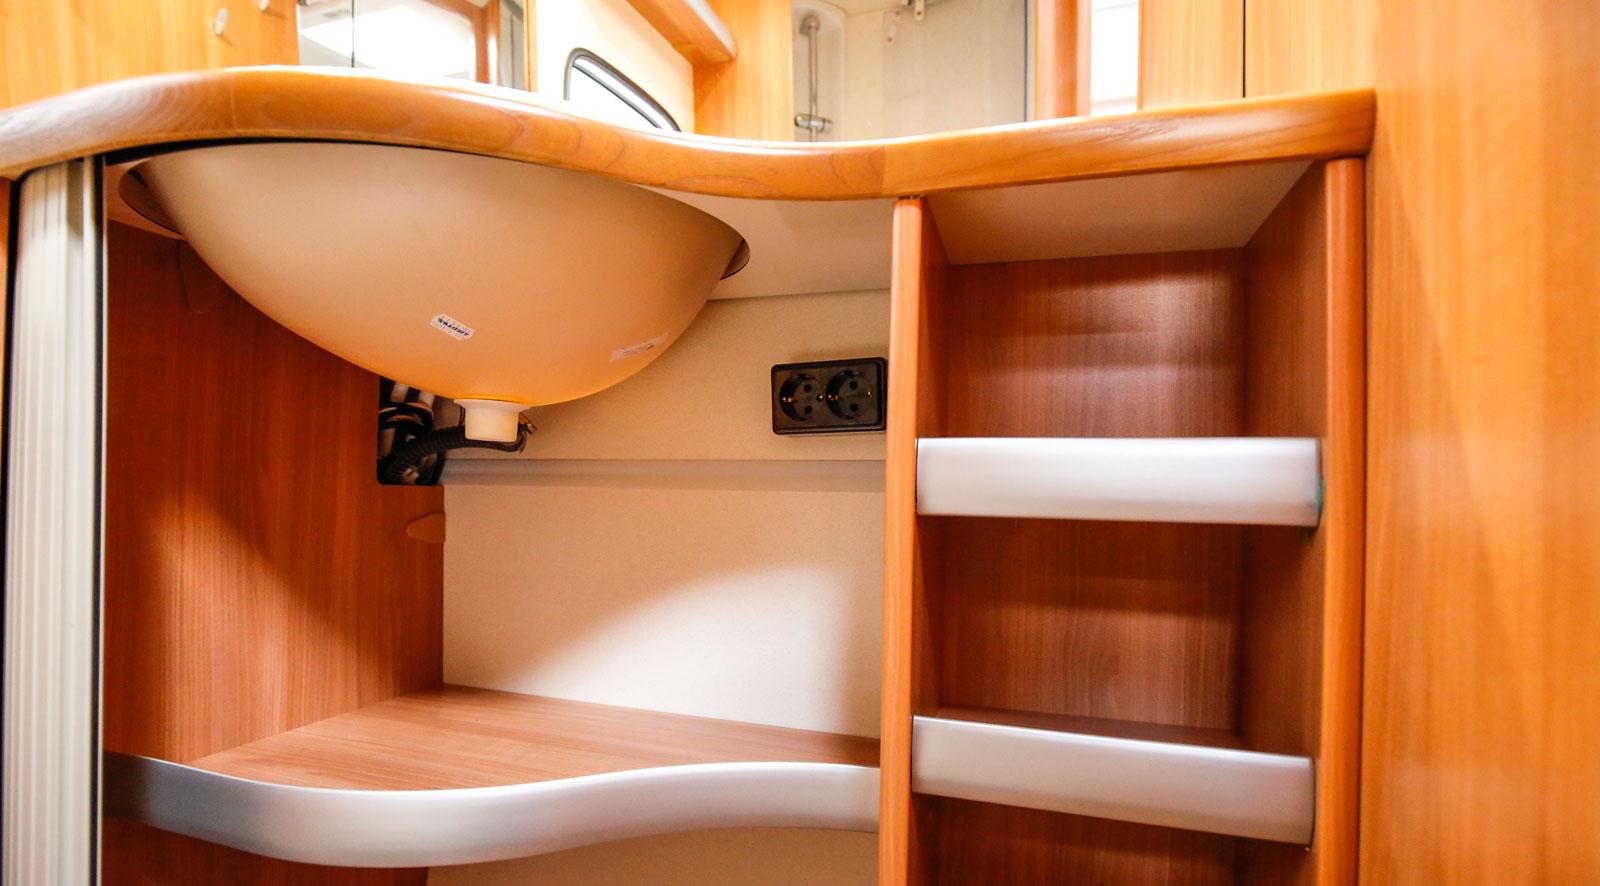 Förvaringsskåpet under handfatet är stort och har flera smarta fack. Dessutom finns det två eluttag (230 volt) i skåpet.